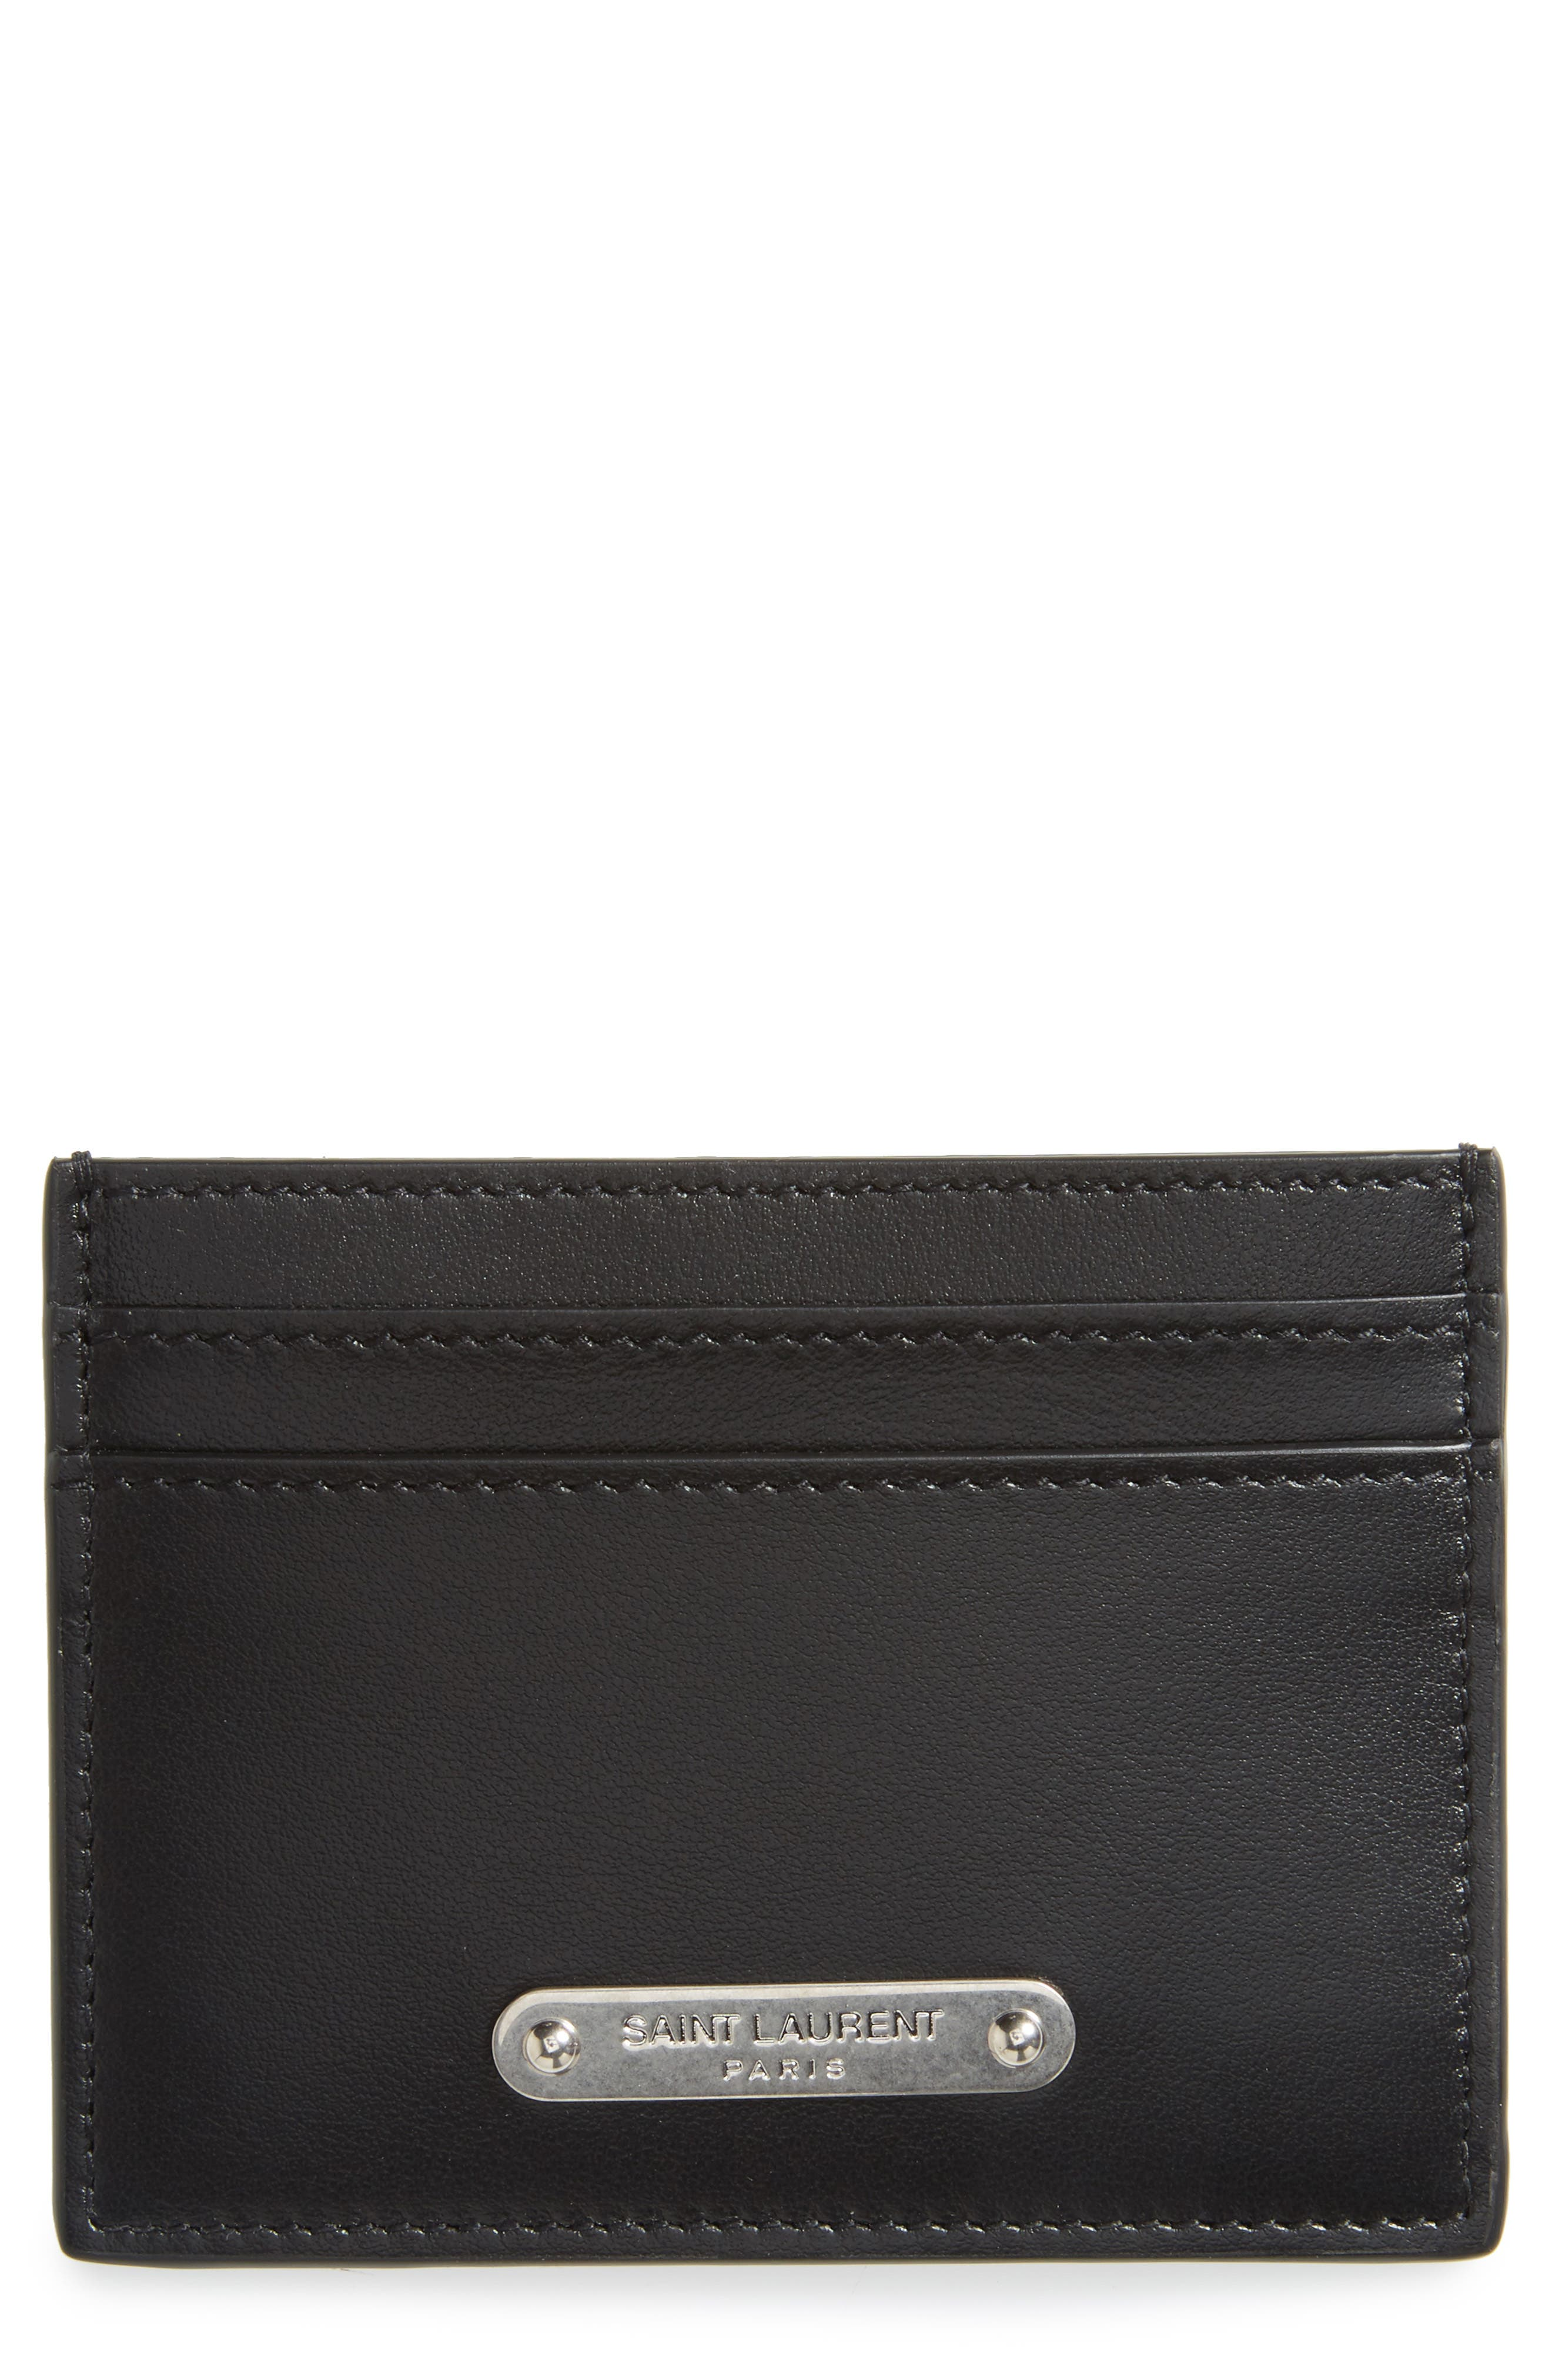 Saint Laurent Plate Leather Card Case